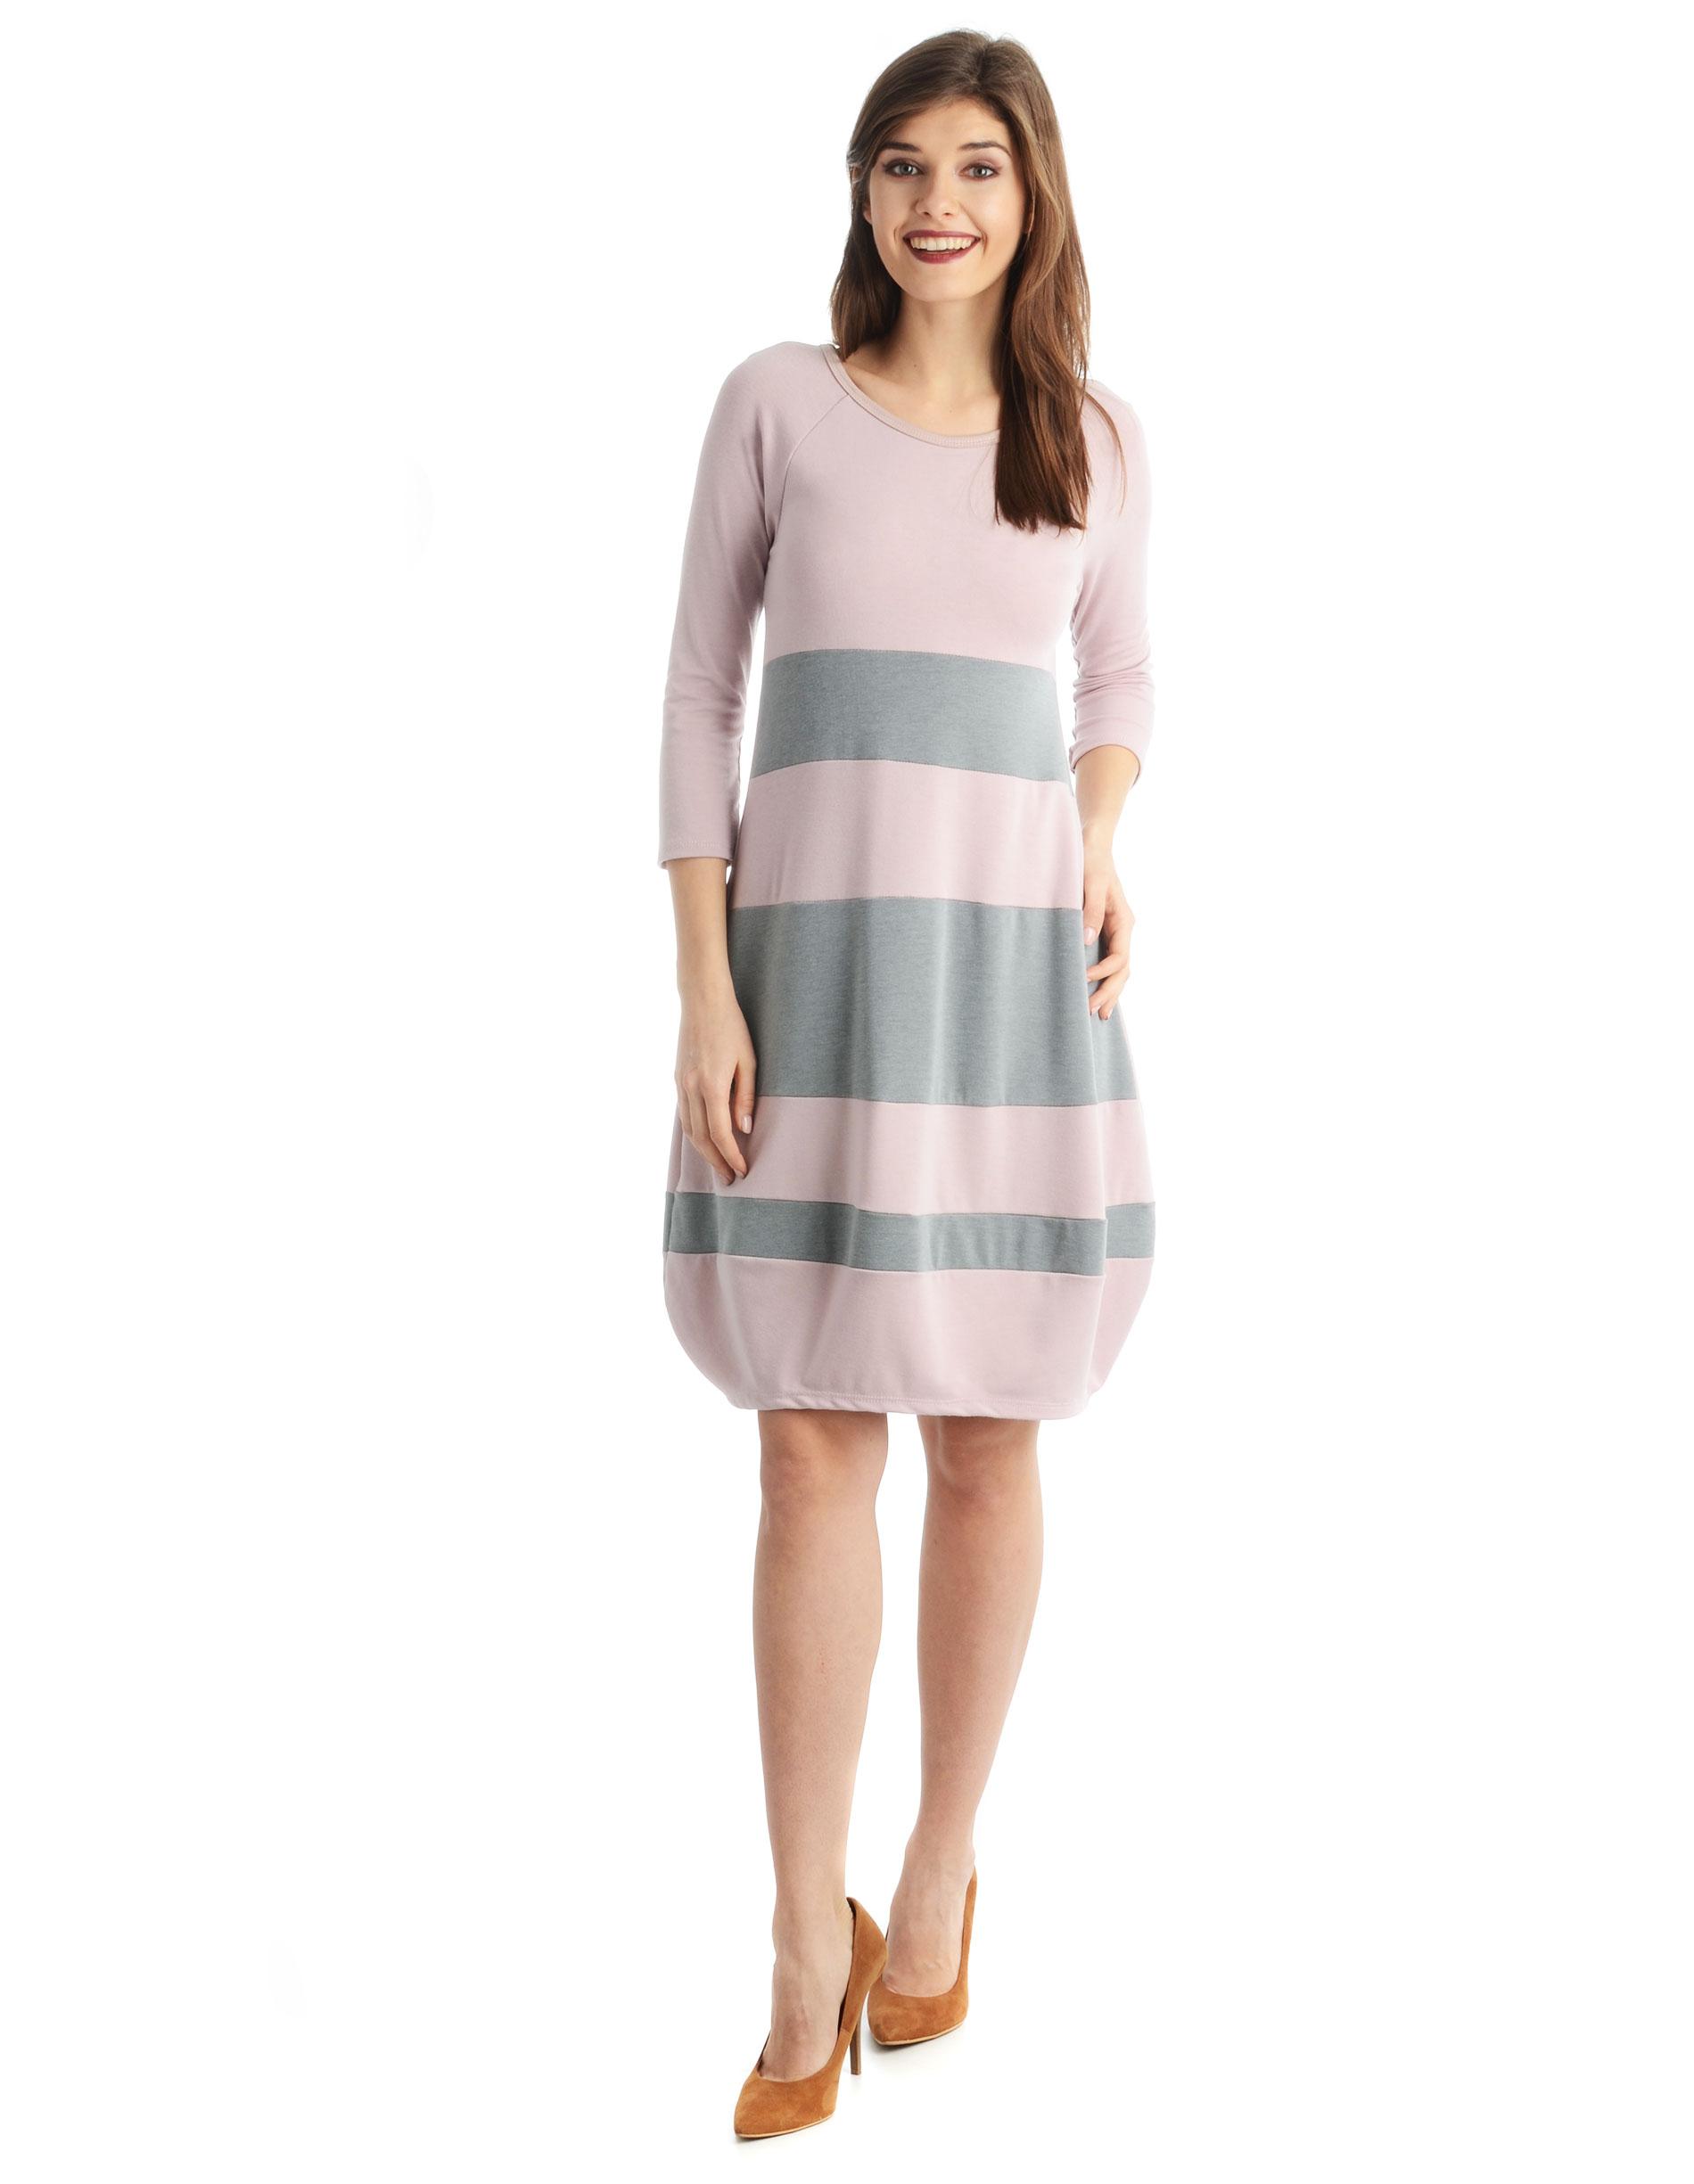 Sukienka - 62-5035 ROSA - Unisono